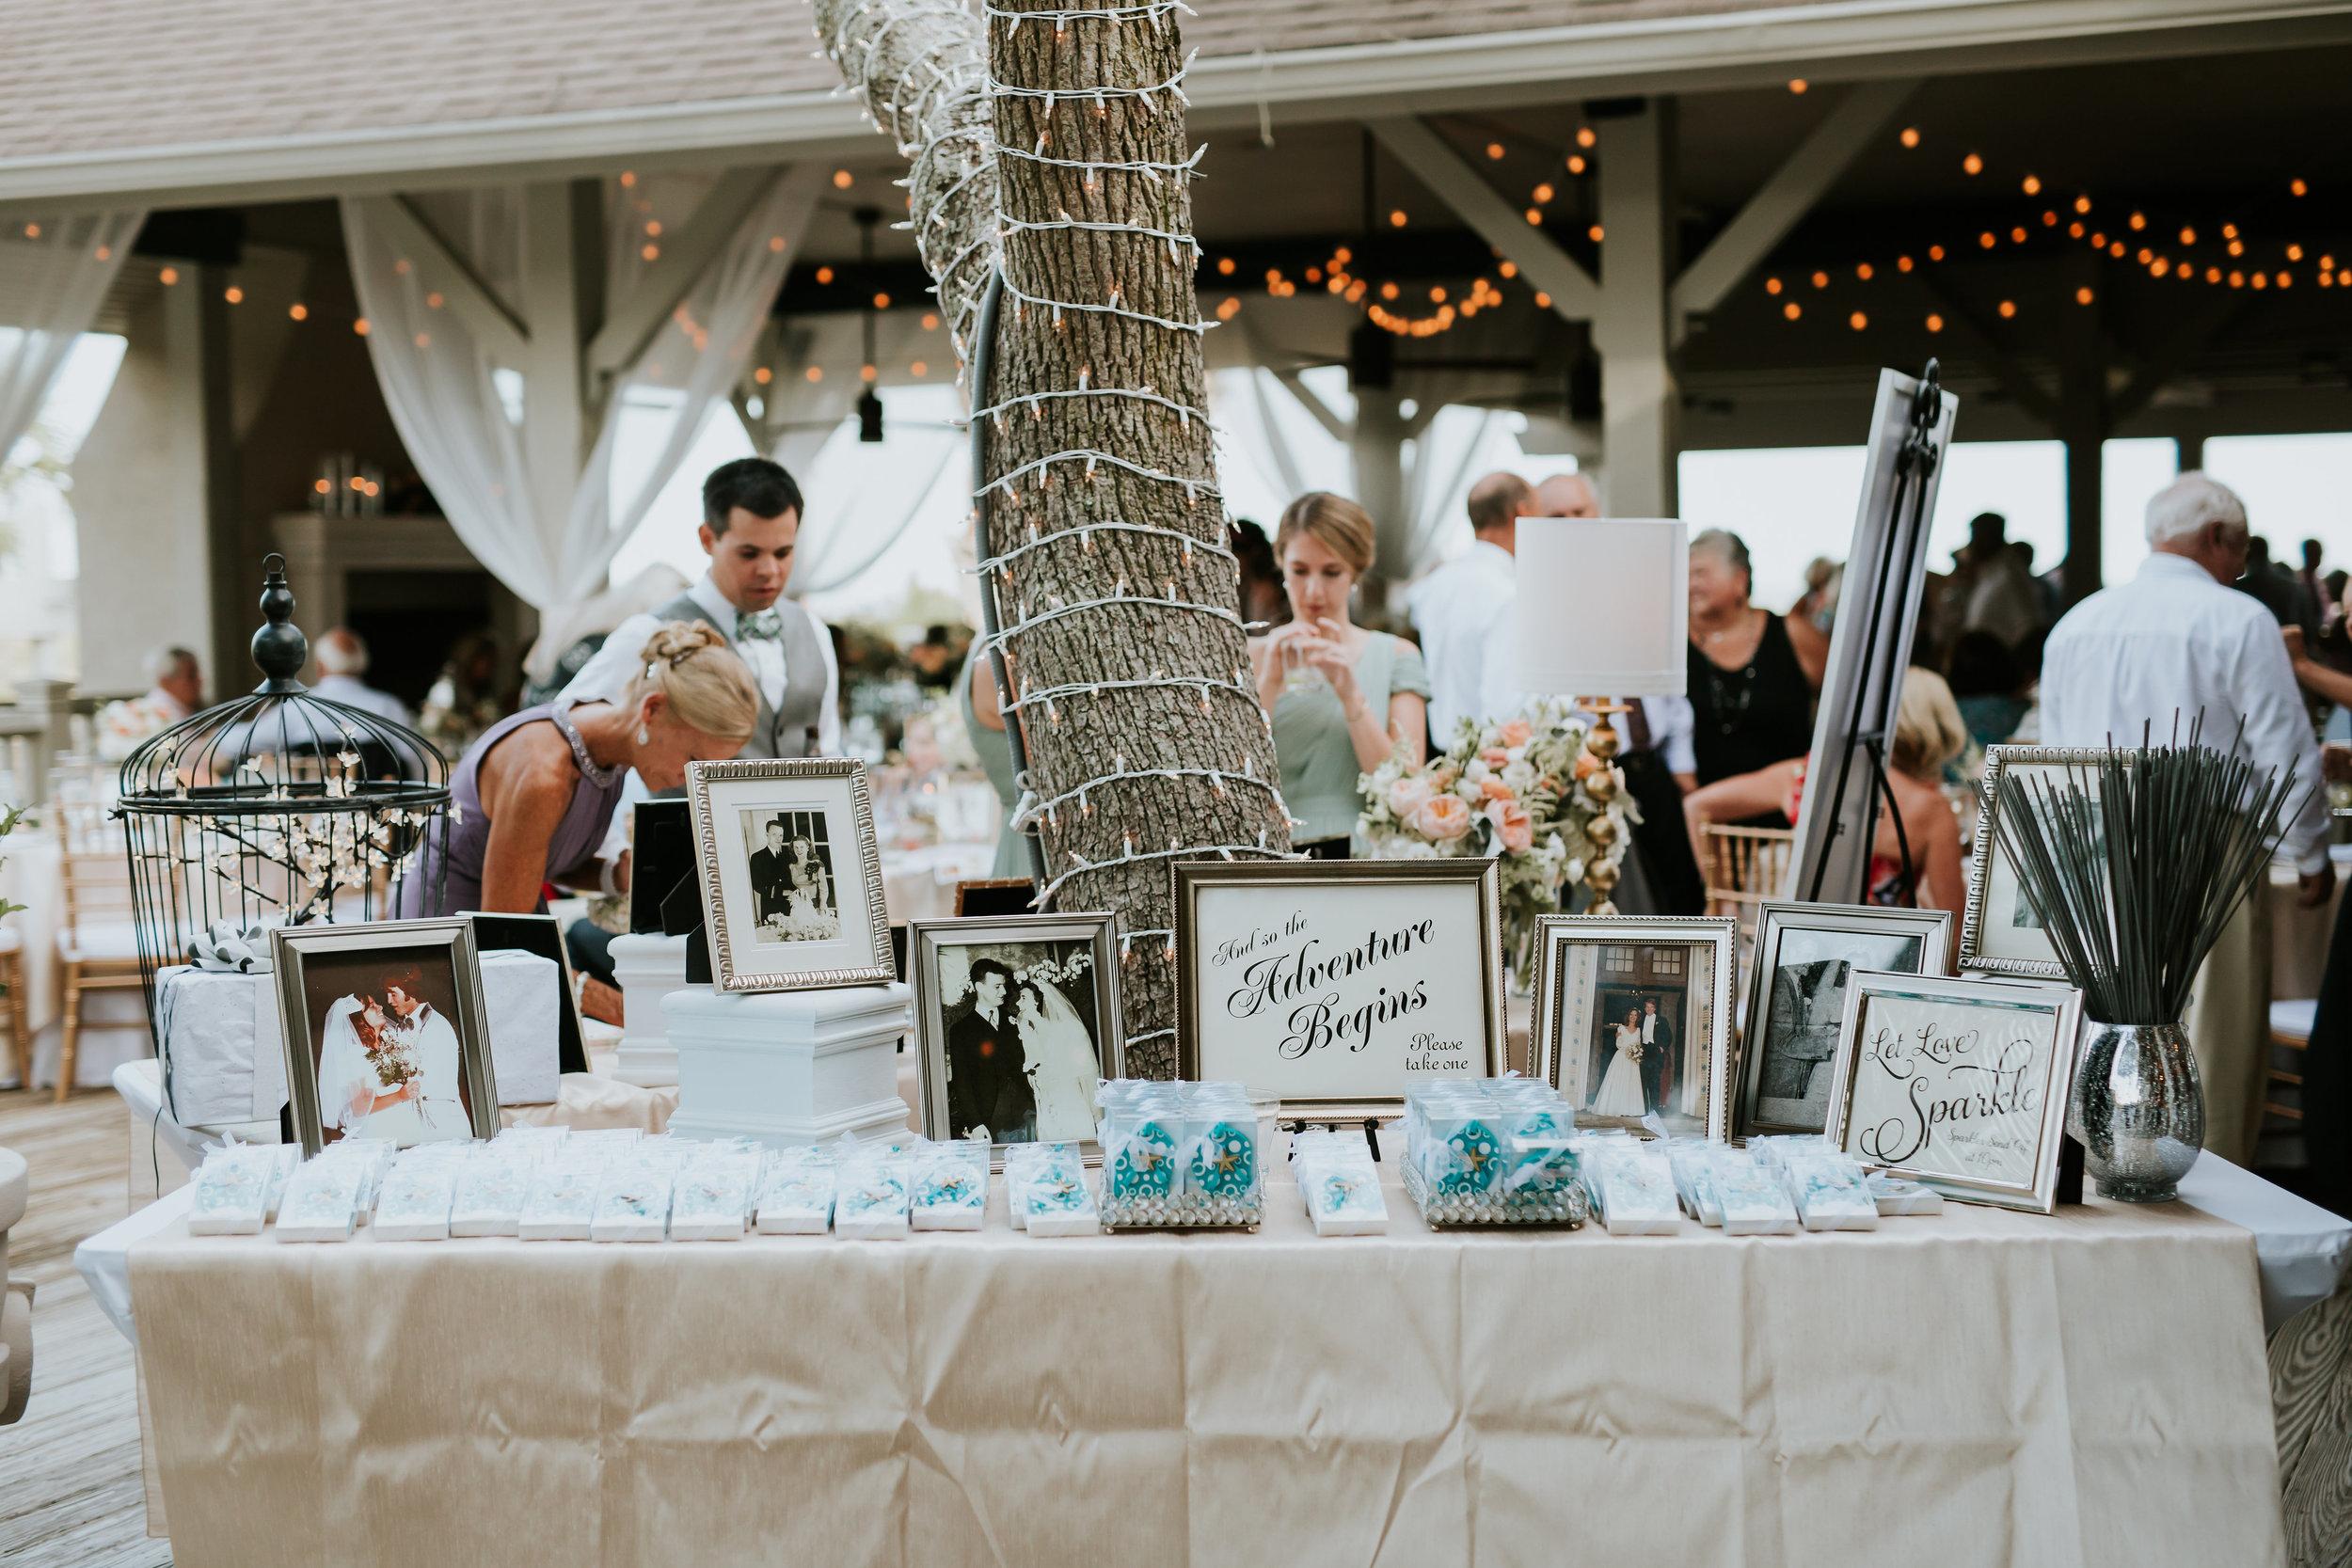 omni-hilton-head-wedding-52.jpg